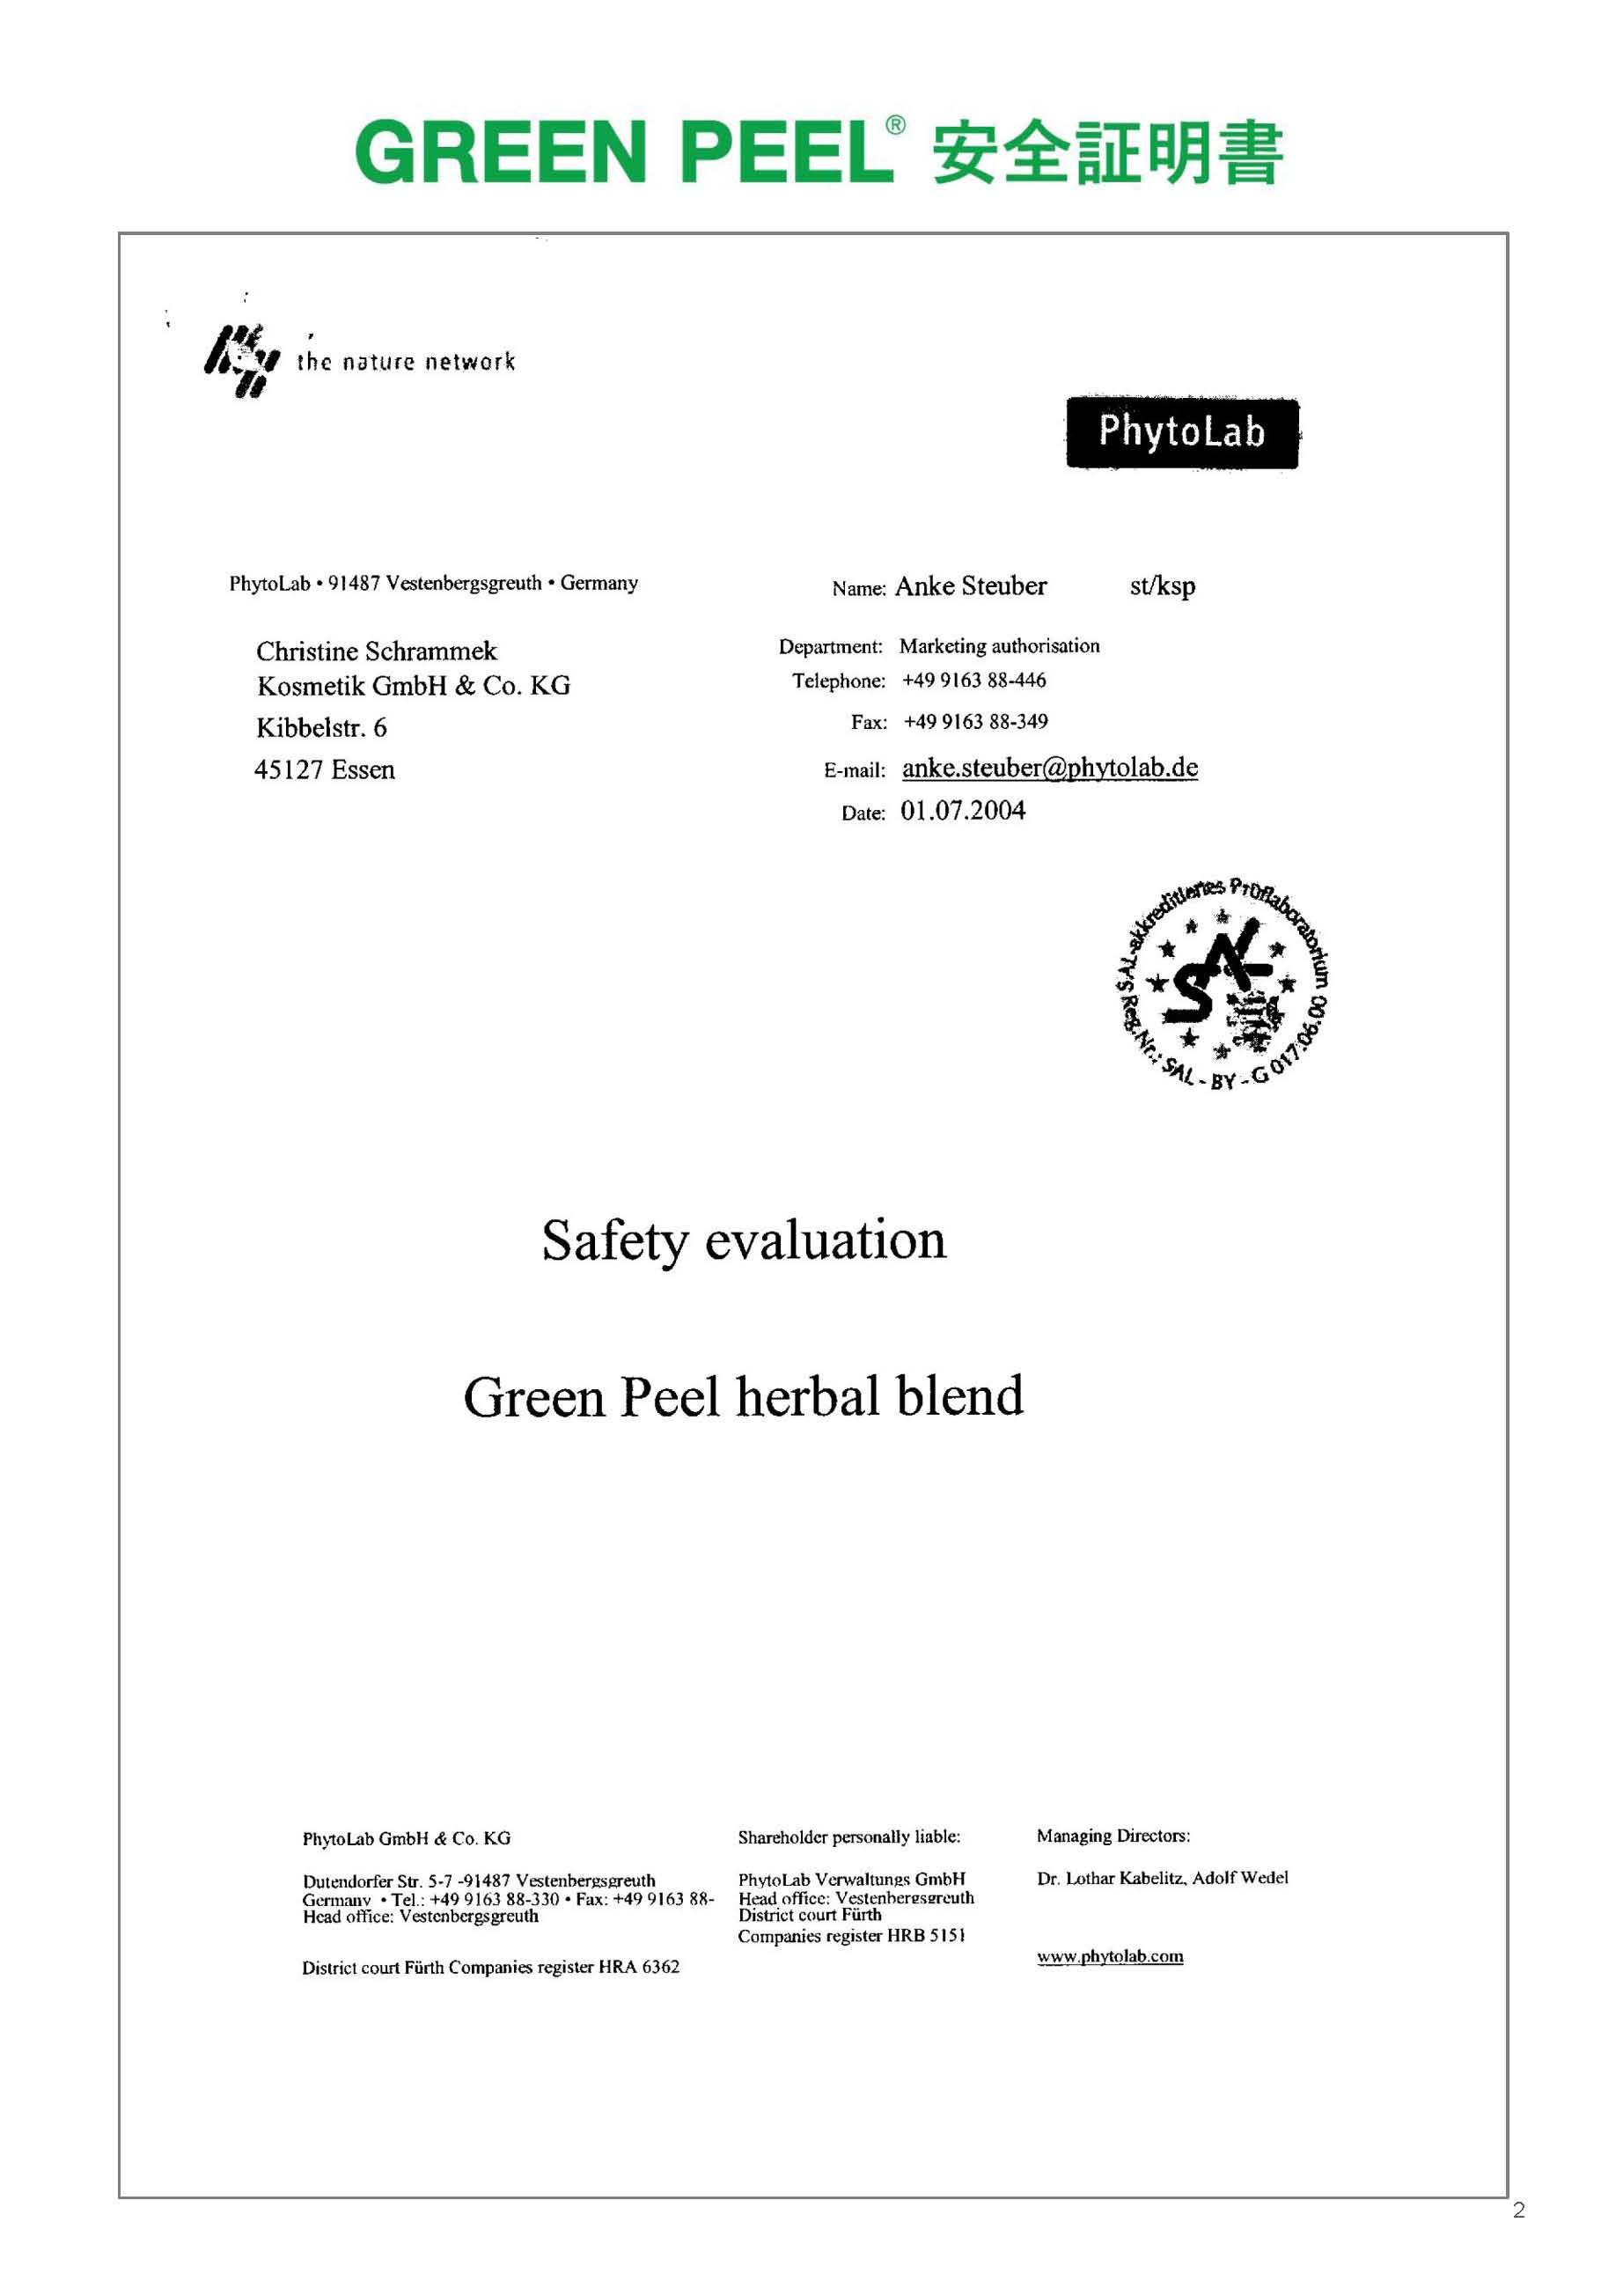 GREENPEEL安全証明書